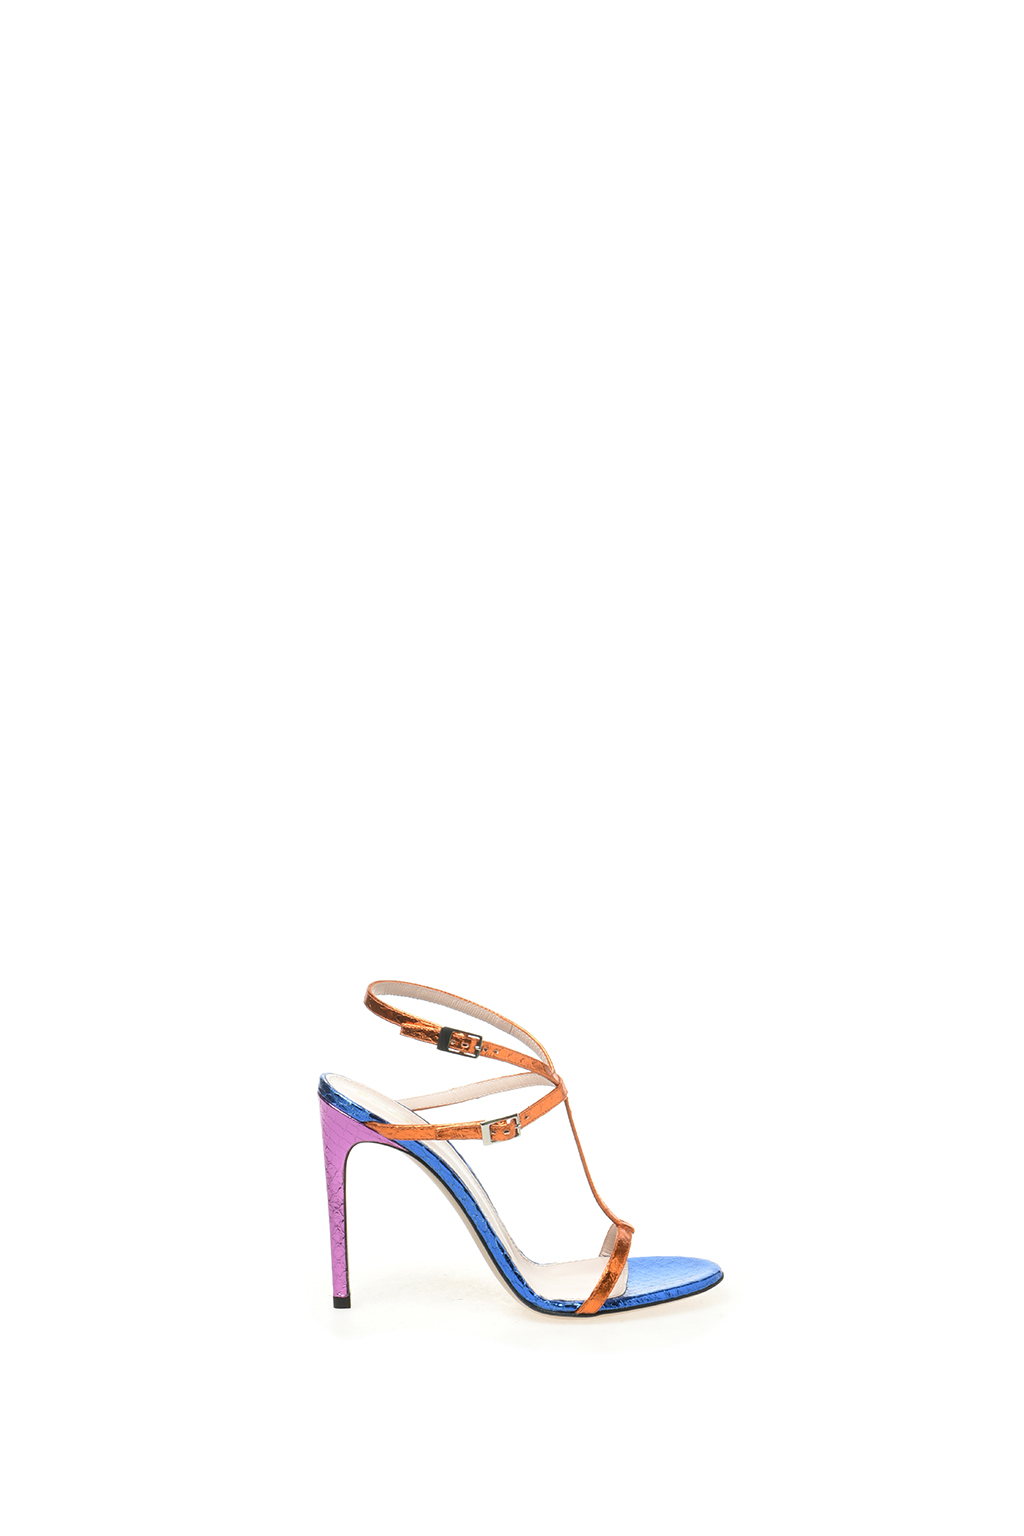 Pollini scarpe primavera estate 2019